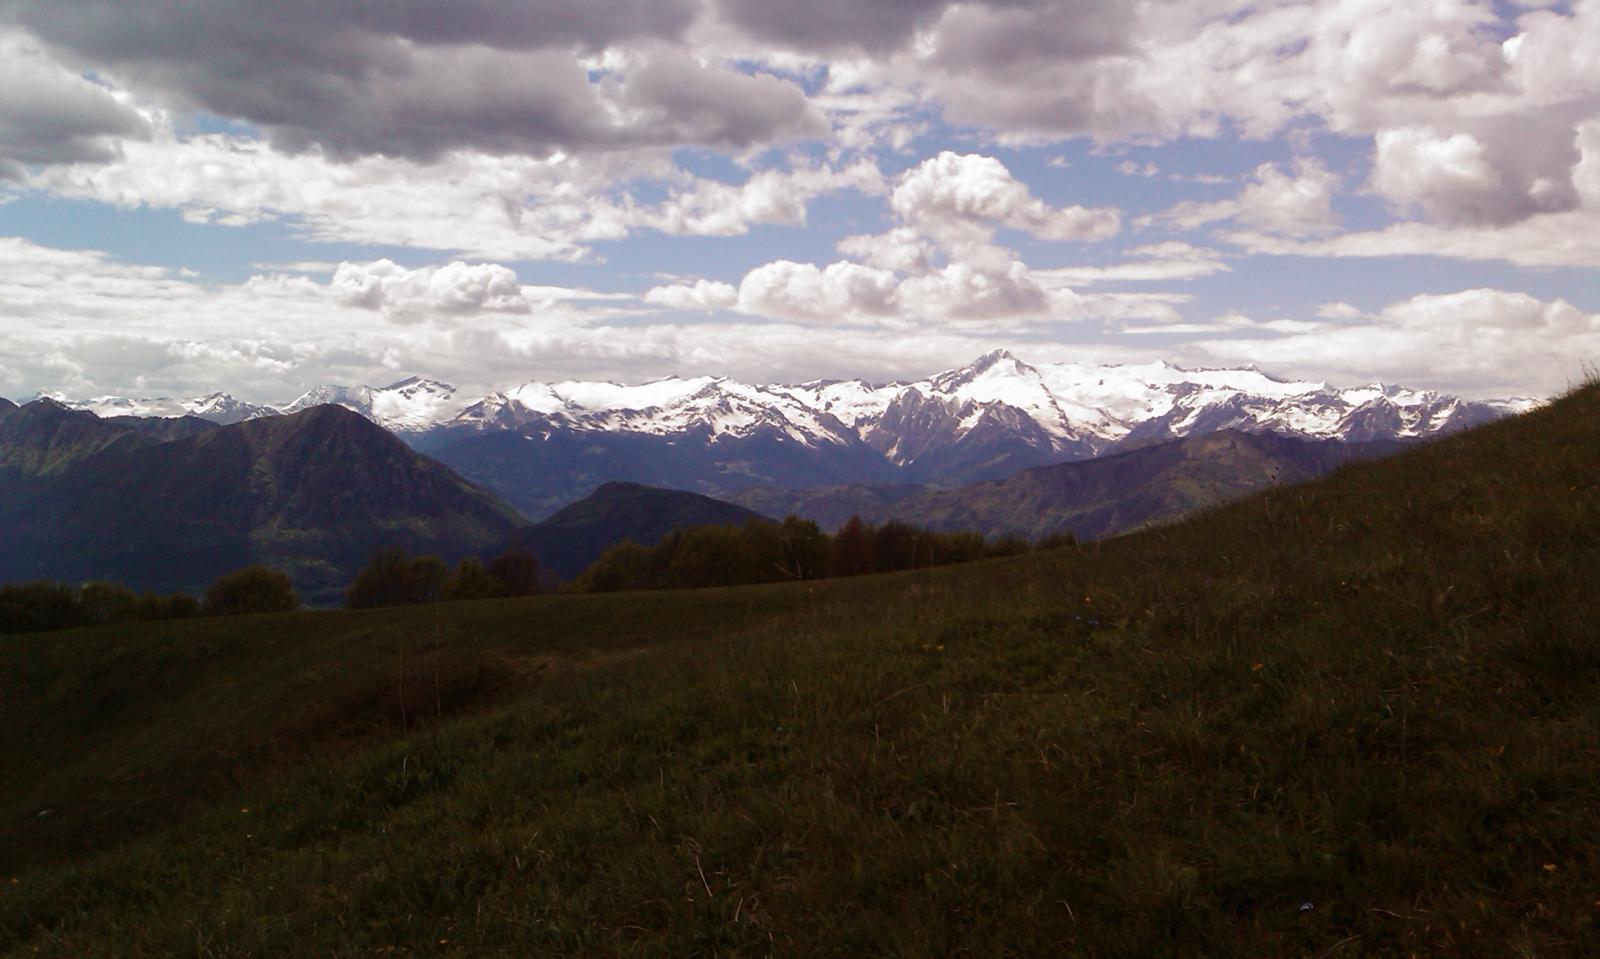 Via ferraty Che Guevara - Alps in view